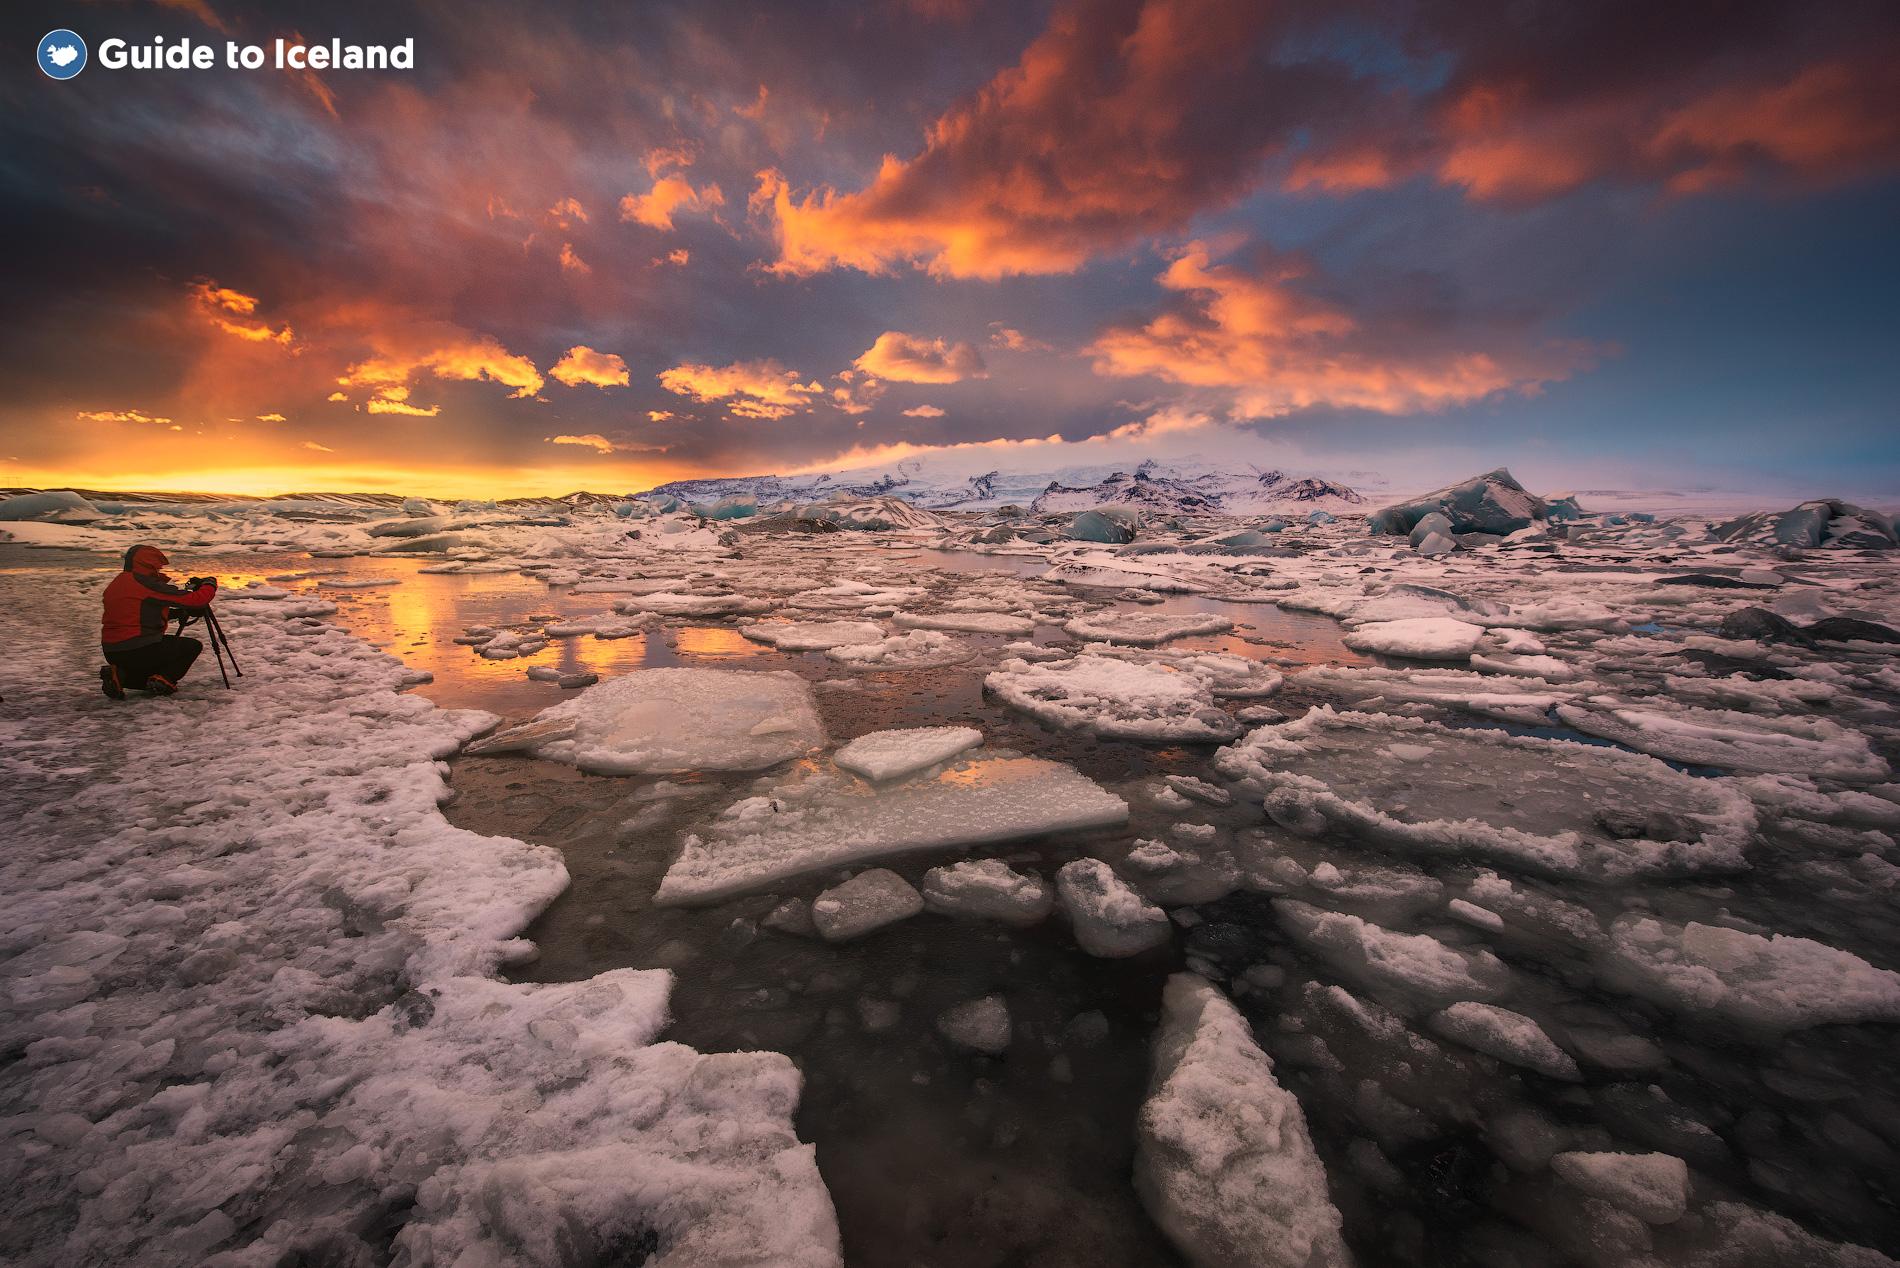 杰古沙龙冰河湖在日落时分展现出温柔的天光